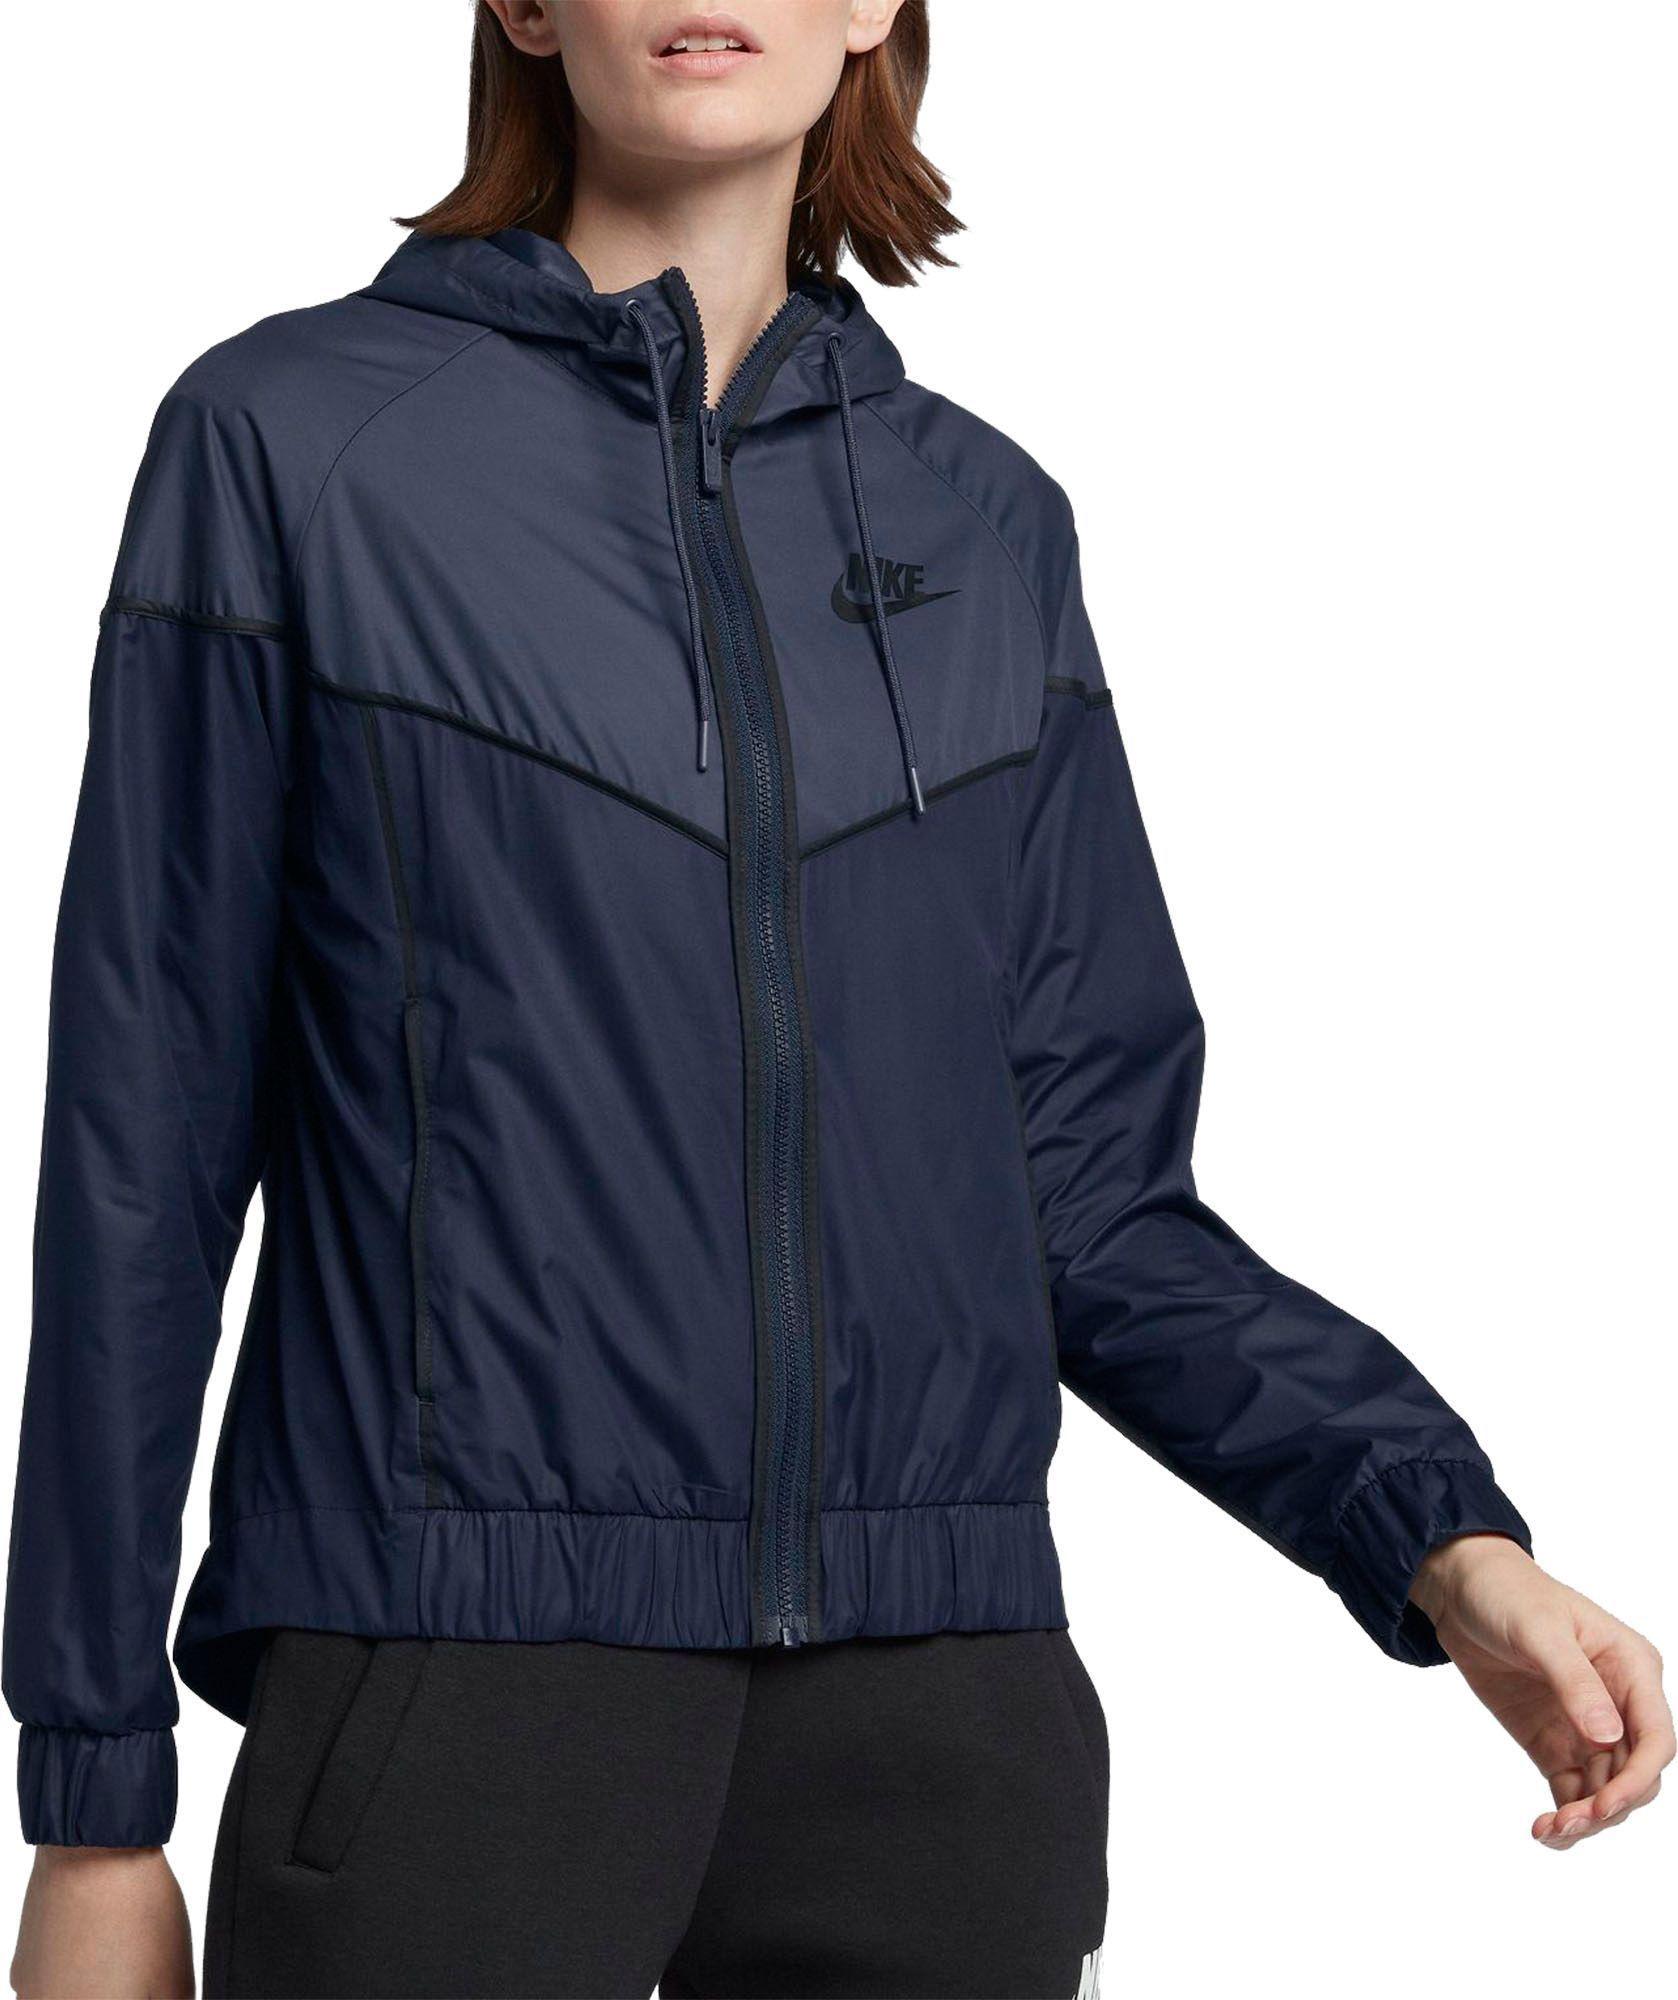 Nike Women s Sportswear Windrunner Jacket  2ee0e423b